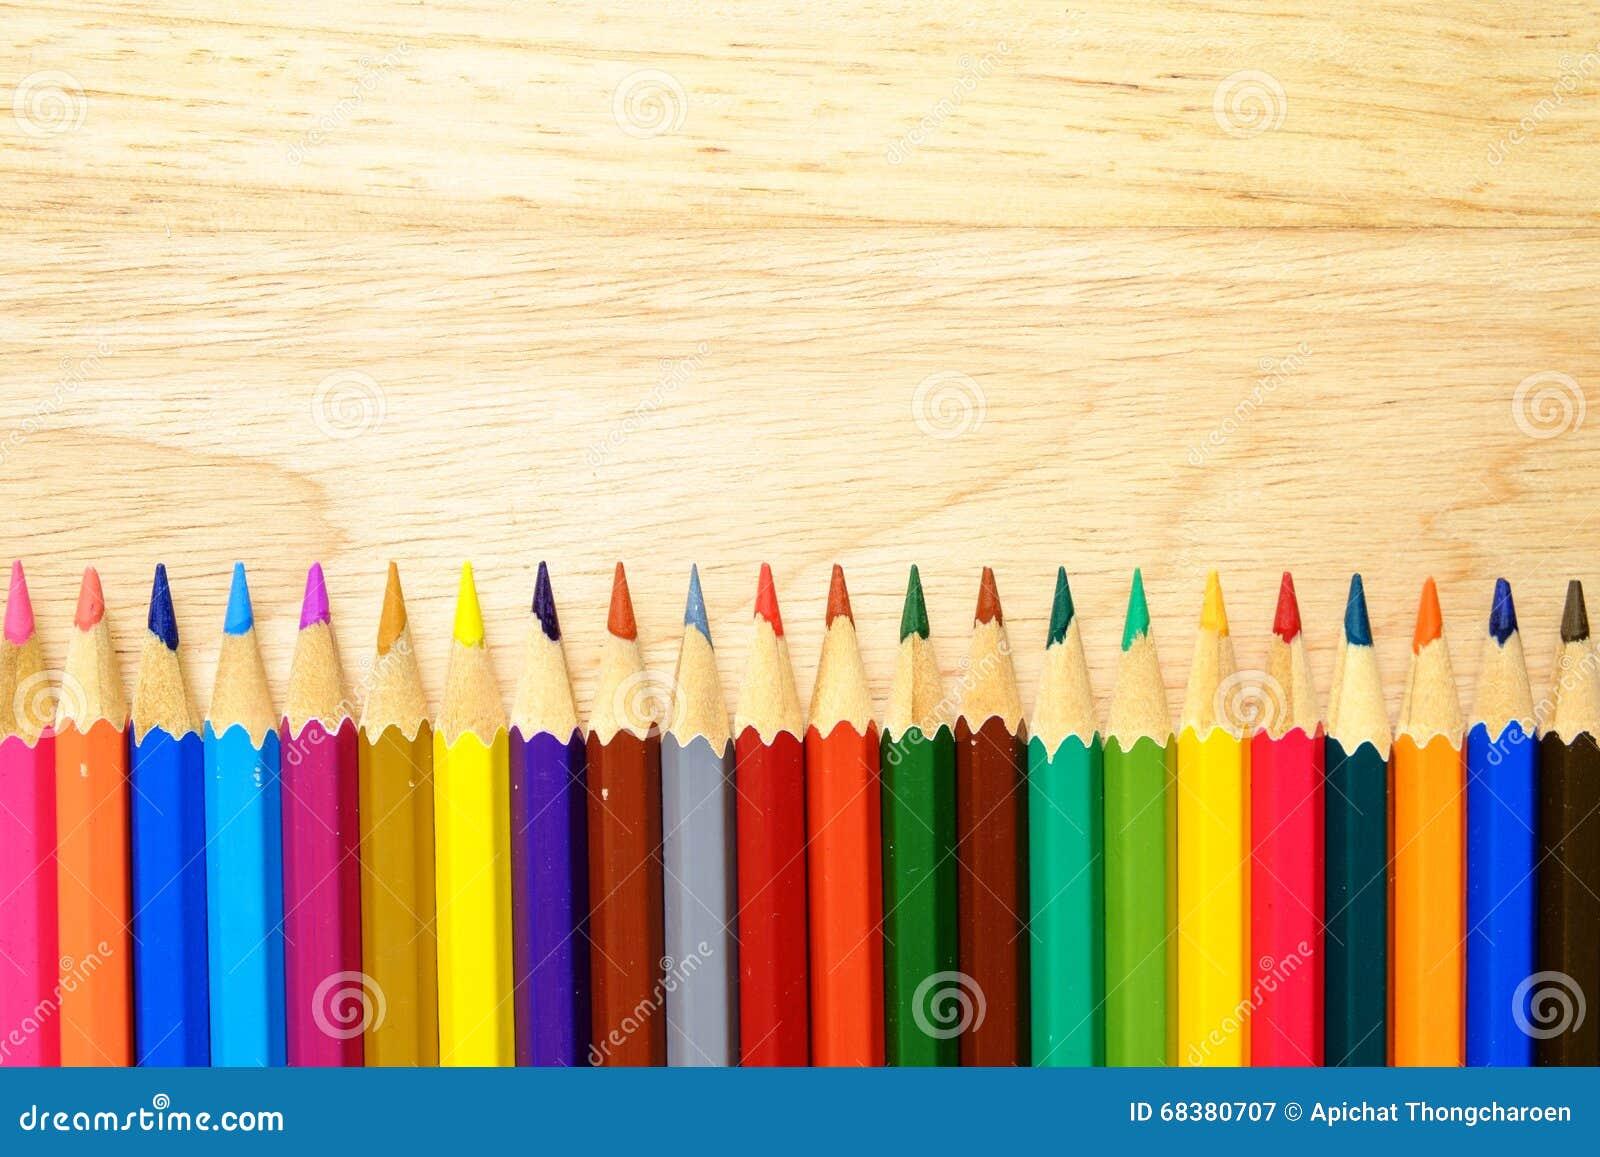 Färgblyertspennor på wood bakgrund